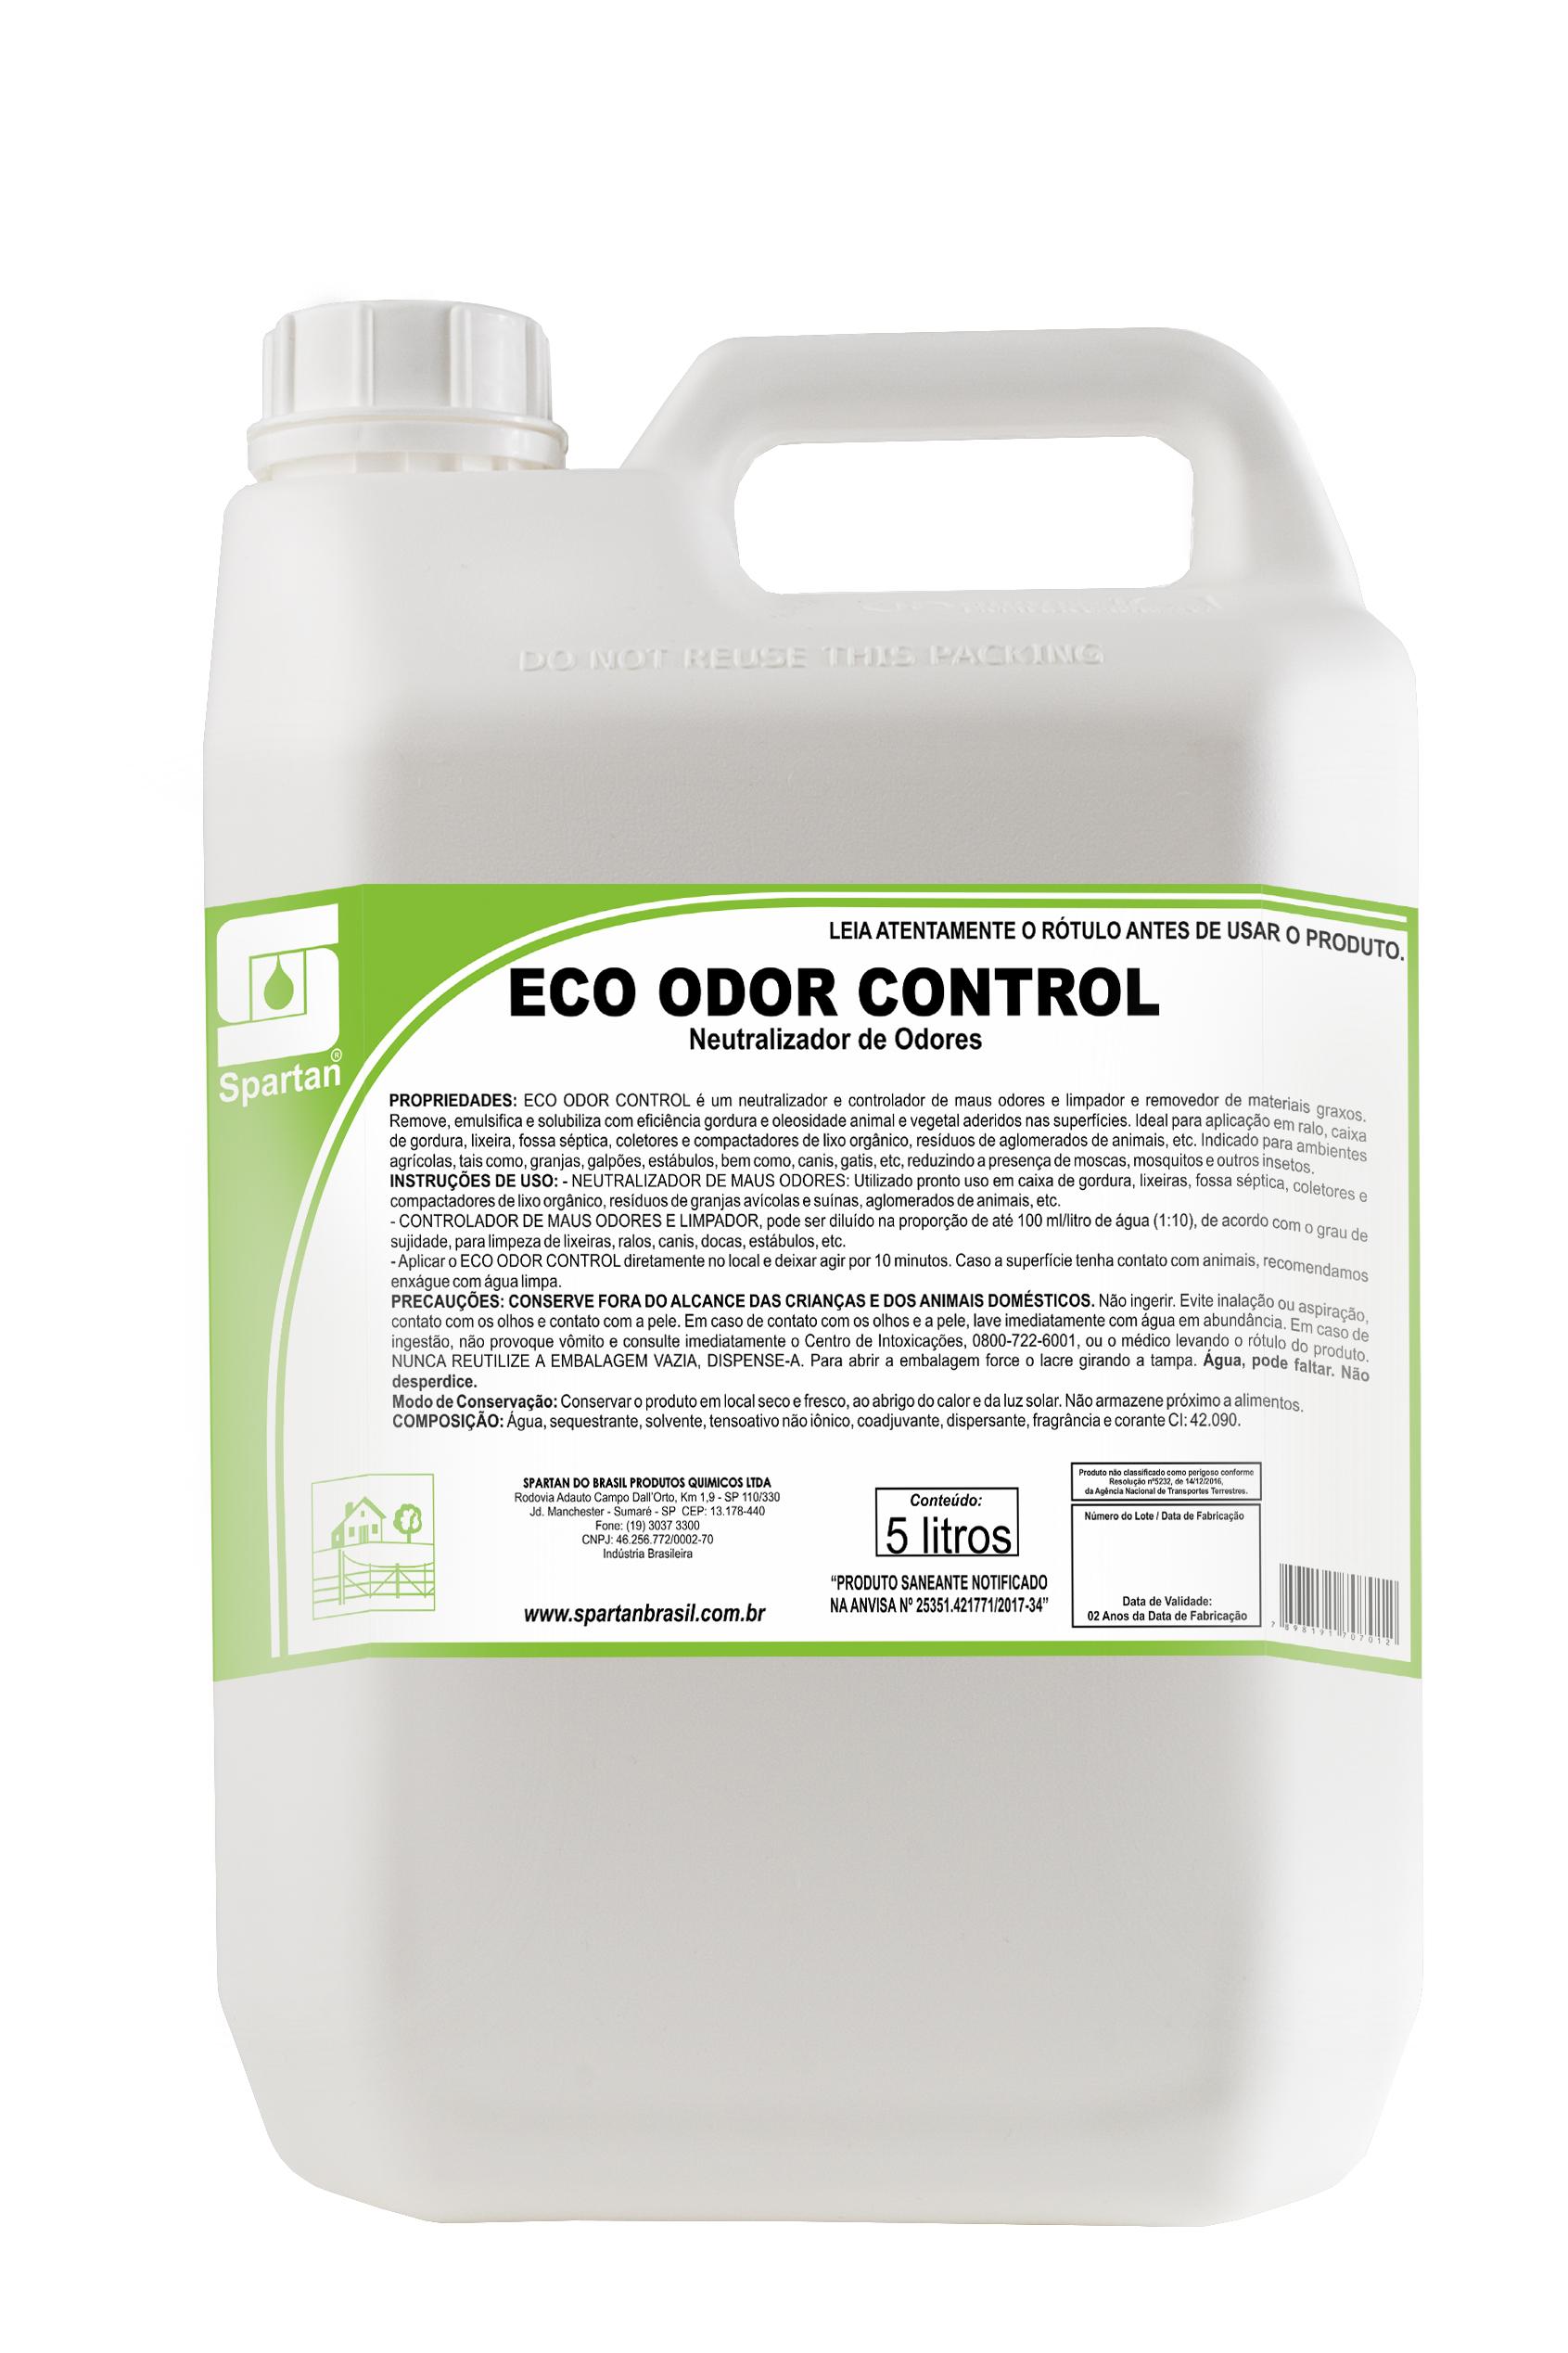 Eco Odor Control